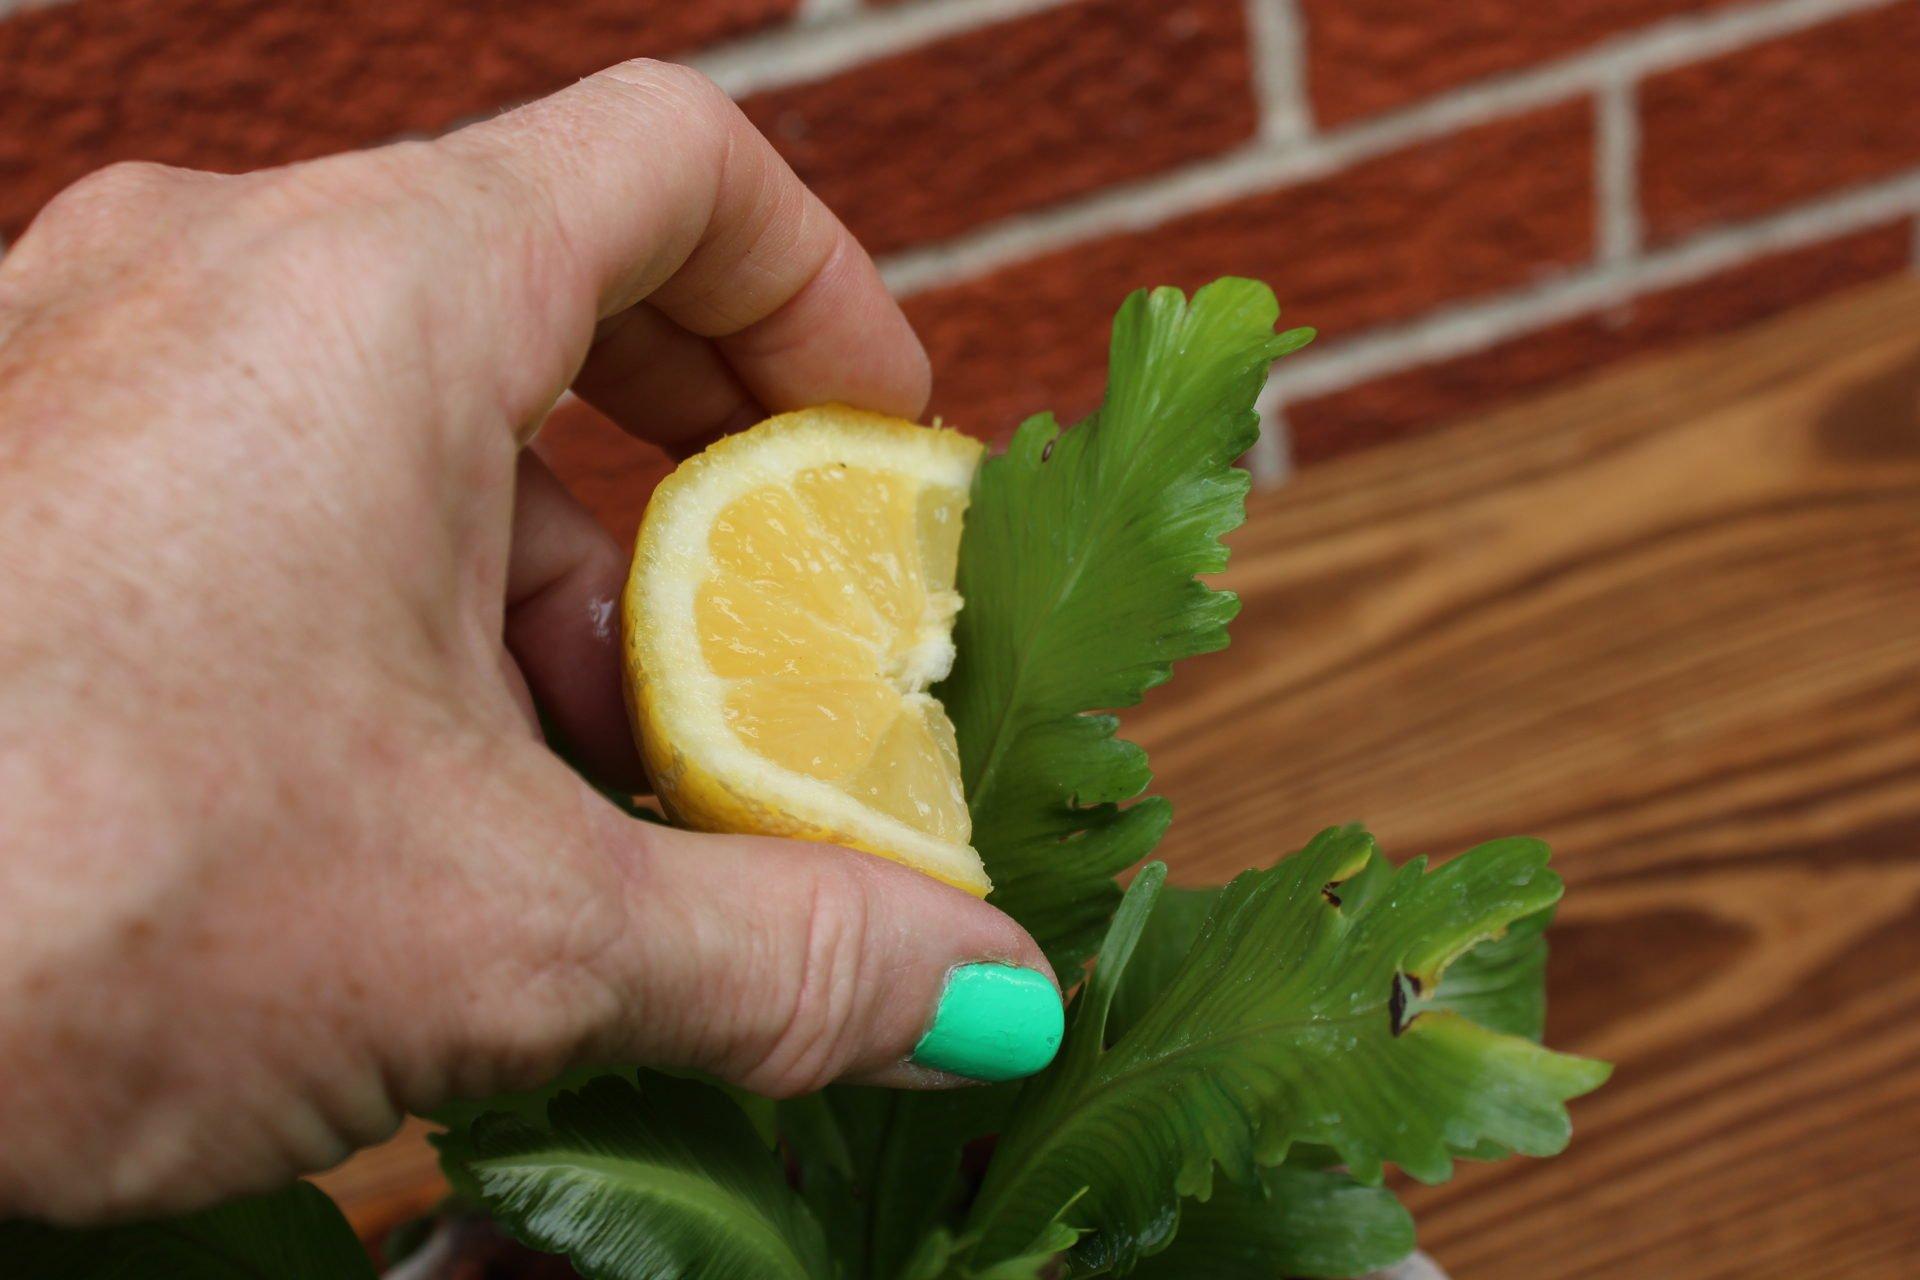 Lemon to clean leaves